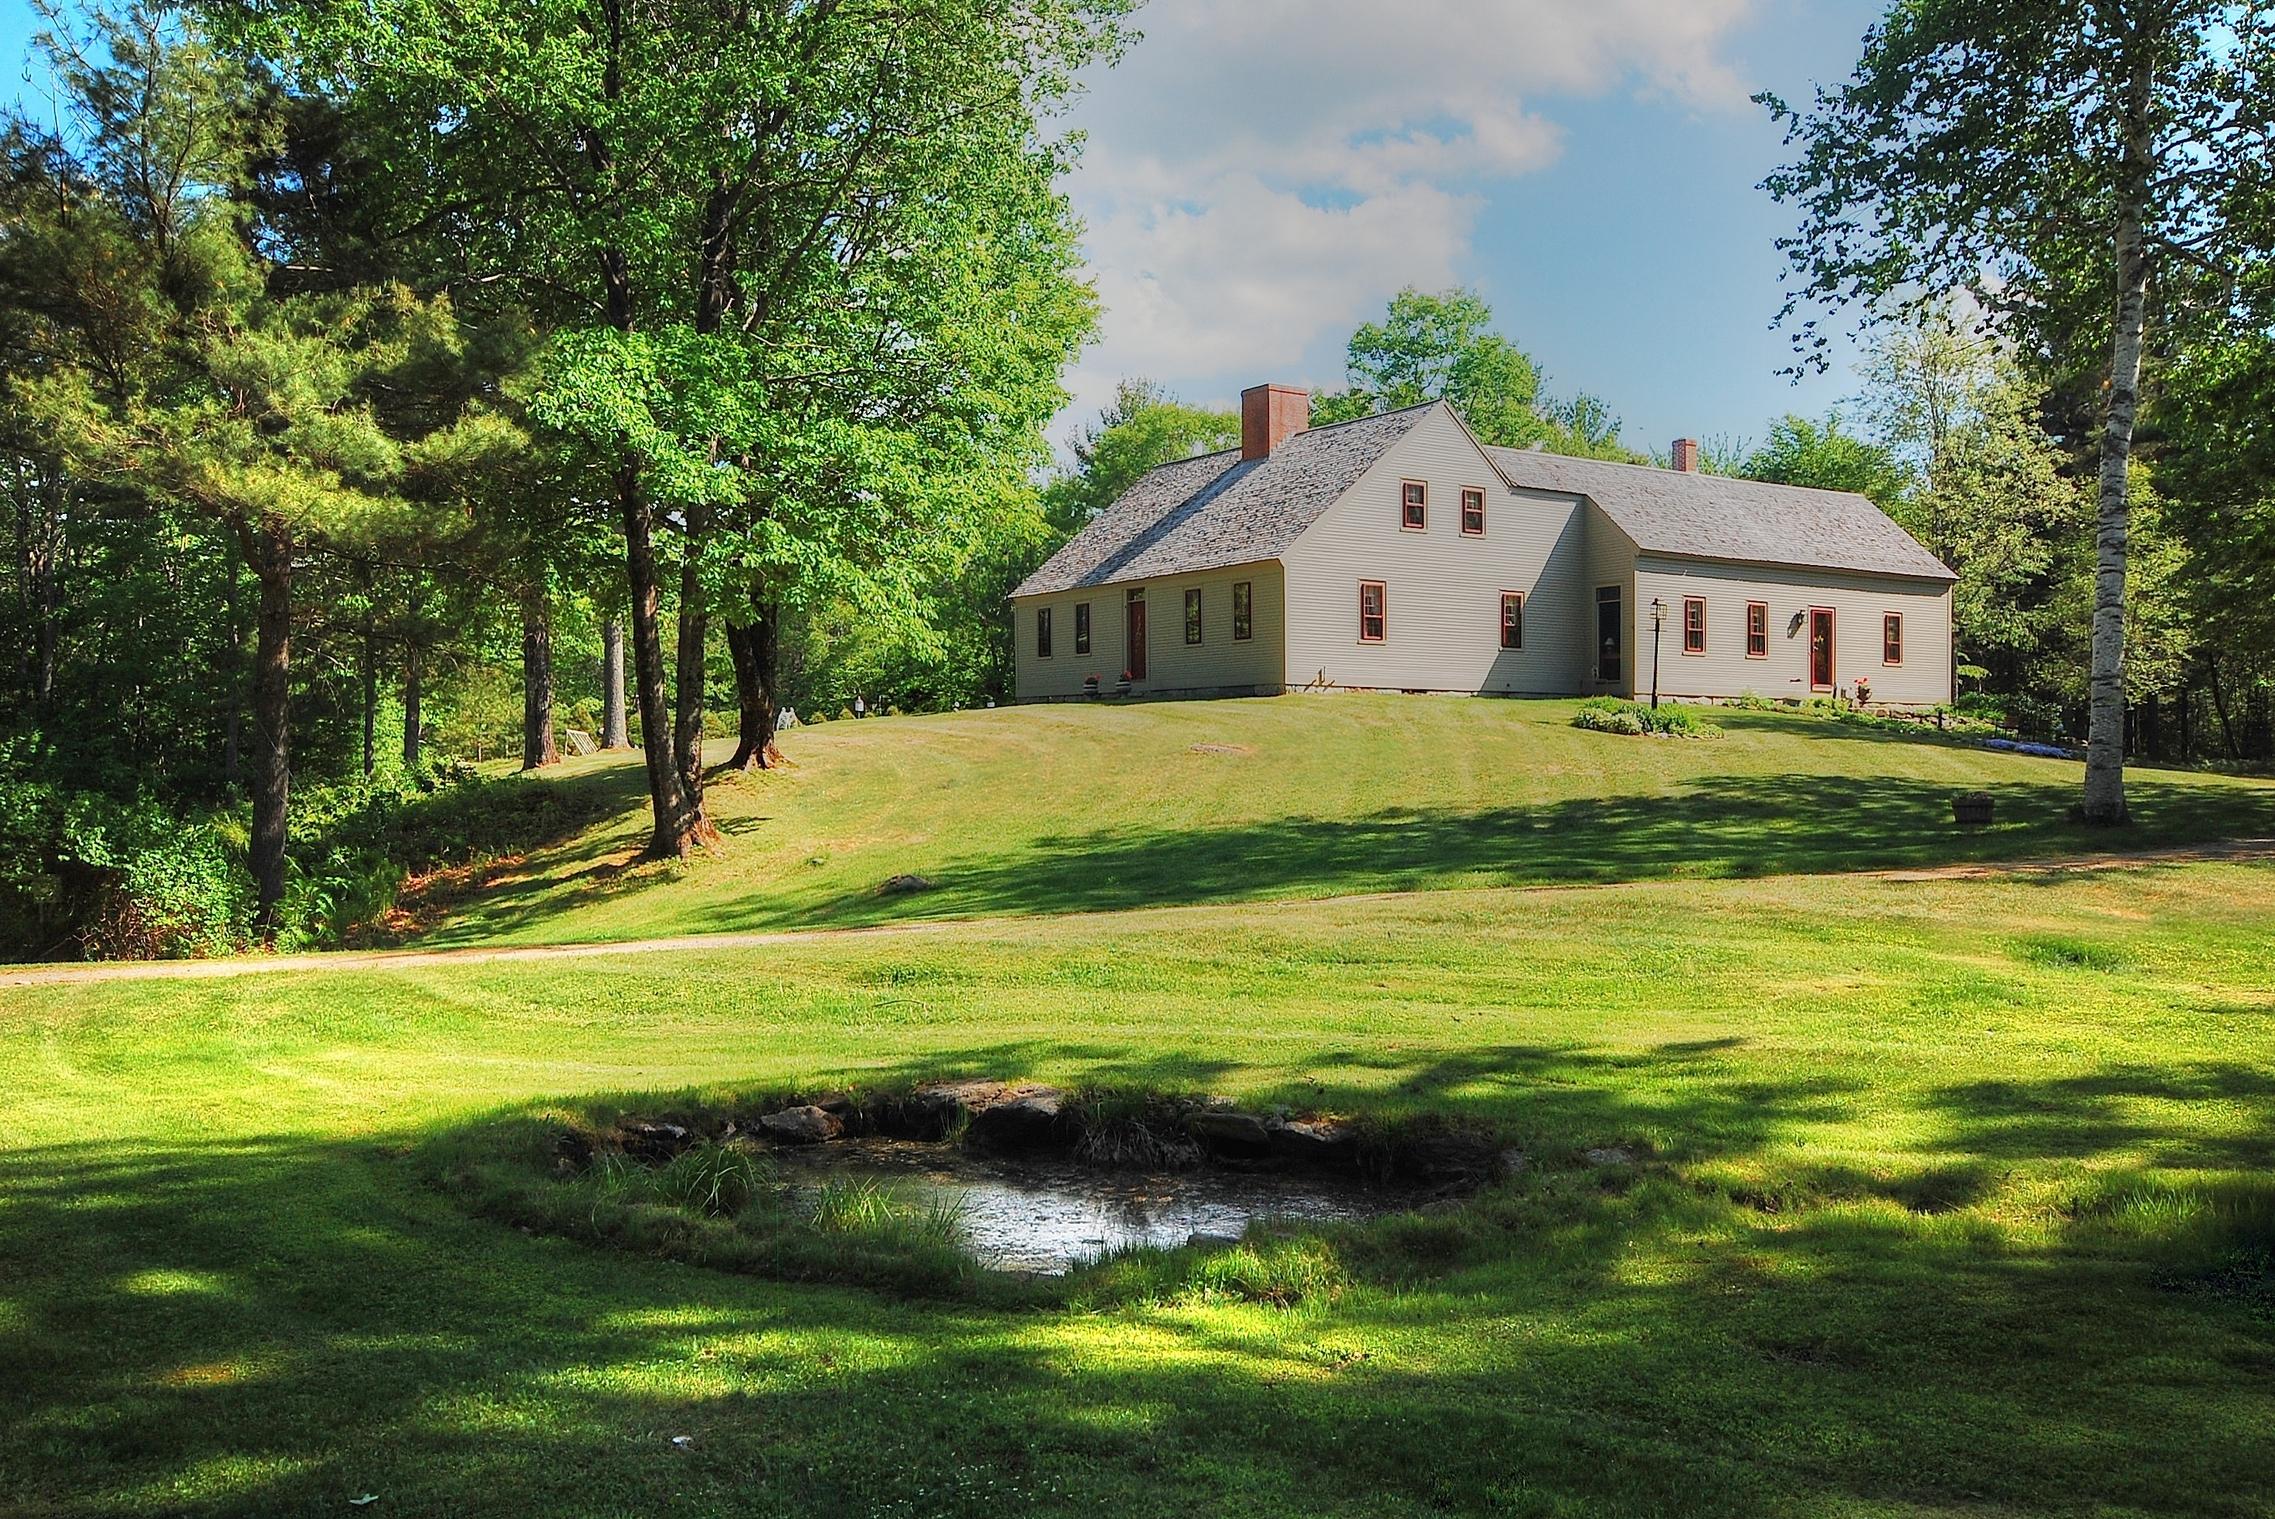 Maison unifamiliale pour l Vente à 858 Province Road, Gilmanton 858 Province Rd Gilmanton, New Hampshire, 03237 États-Unis